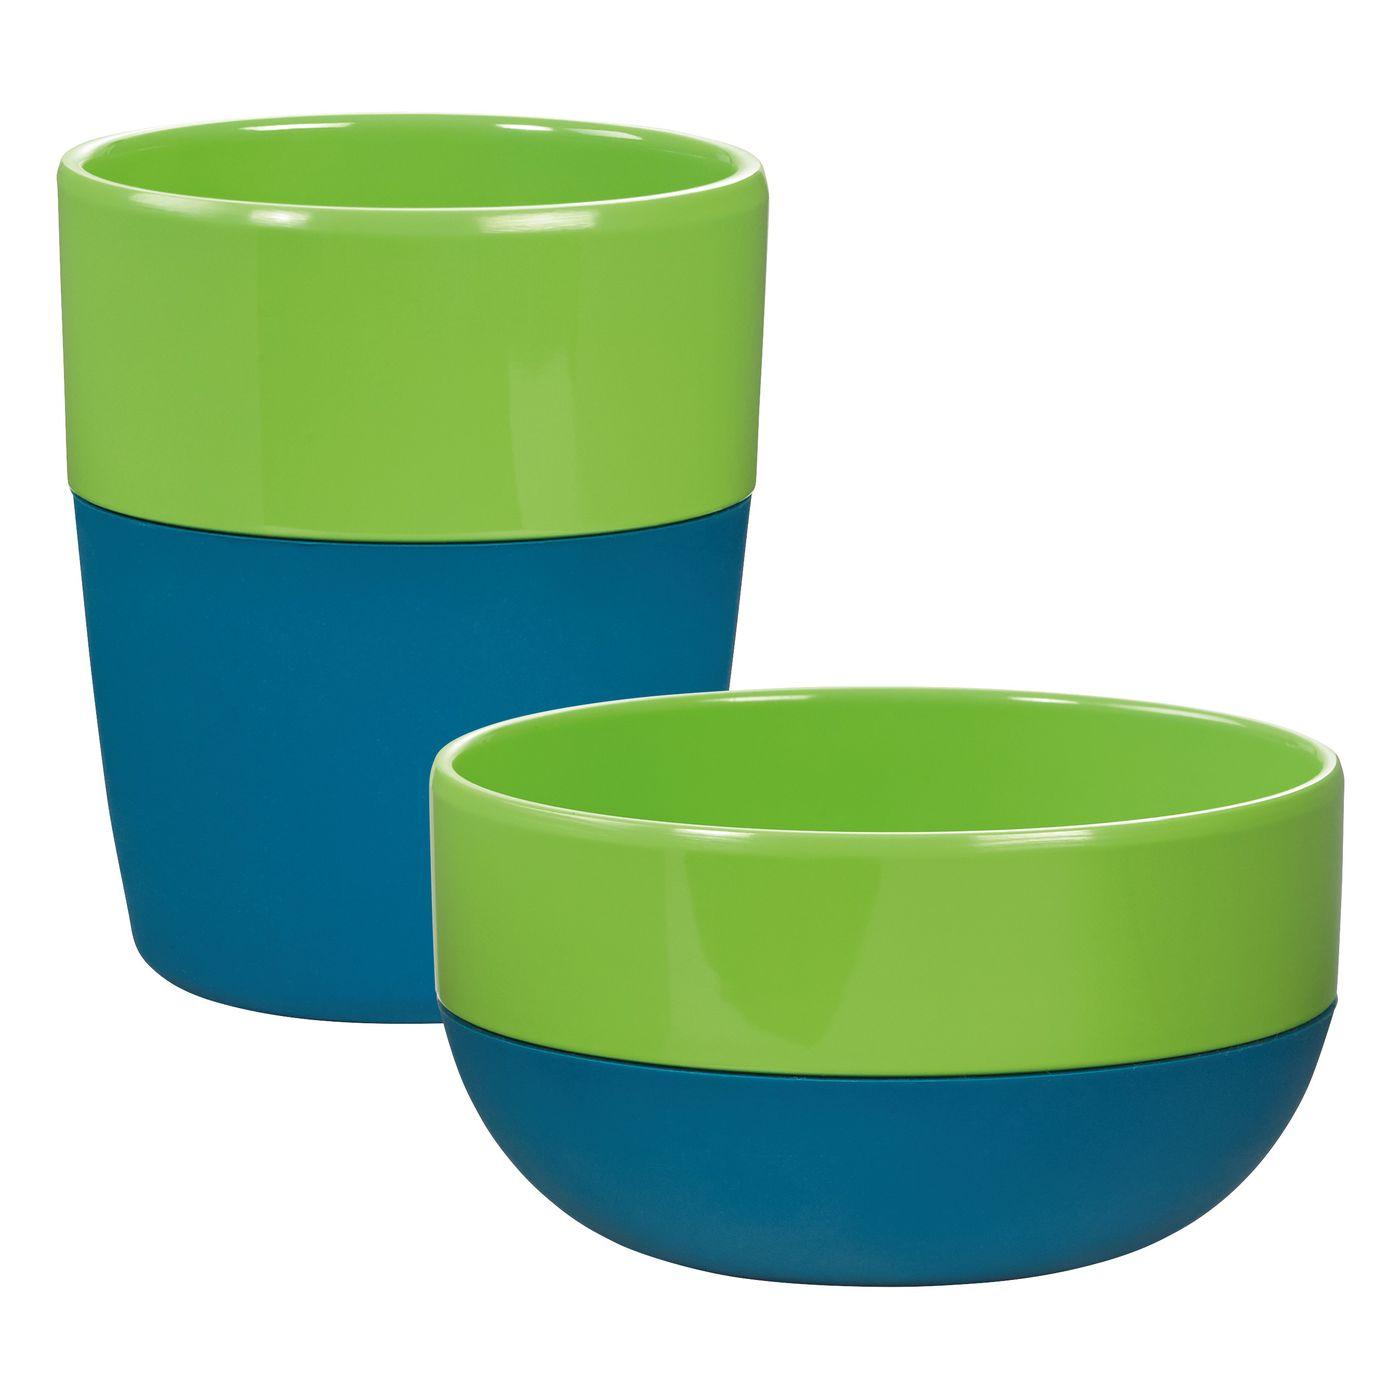 Меламин посуда набор JAKO‑O, 2 шт